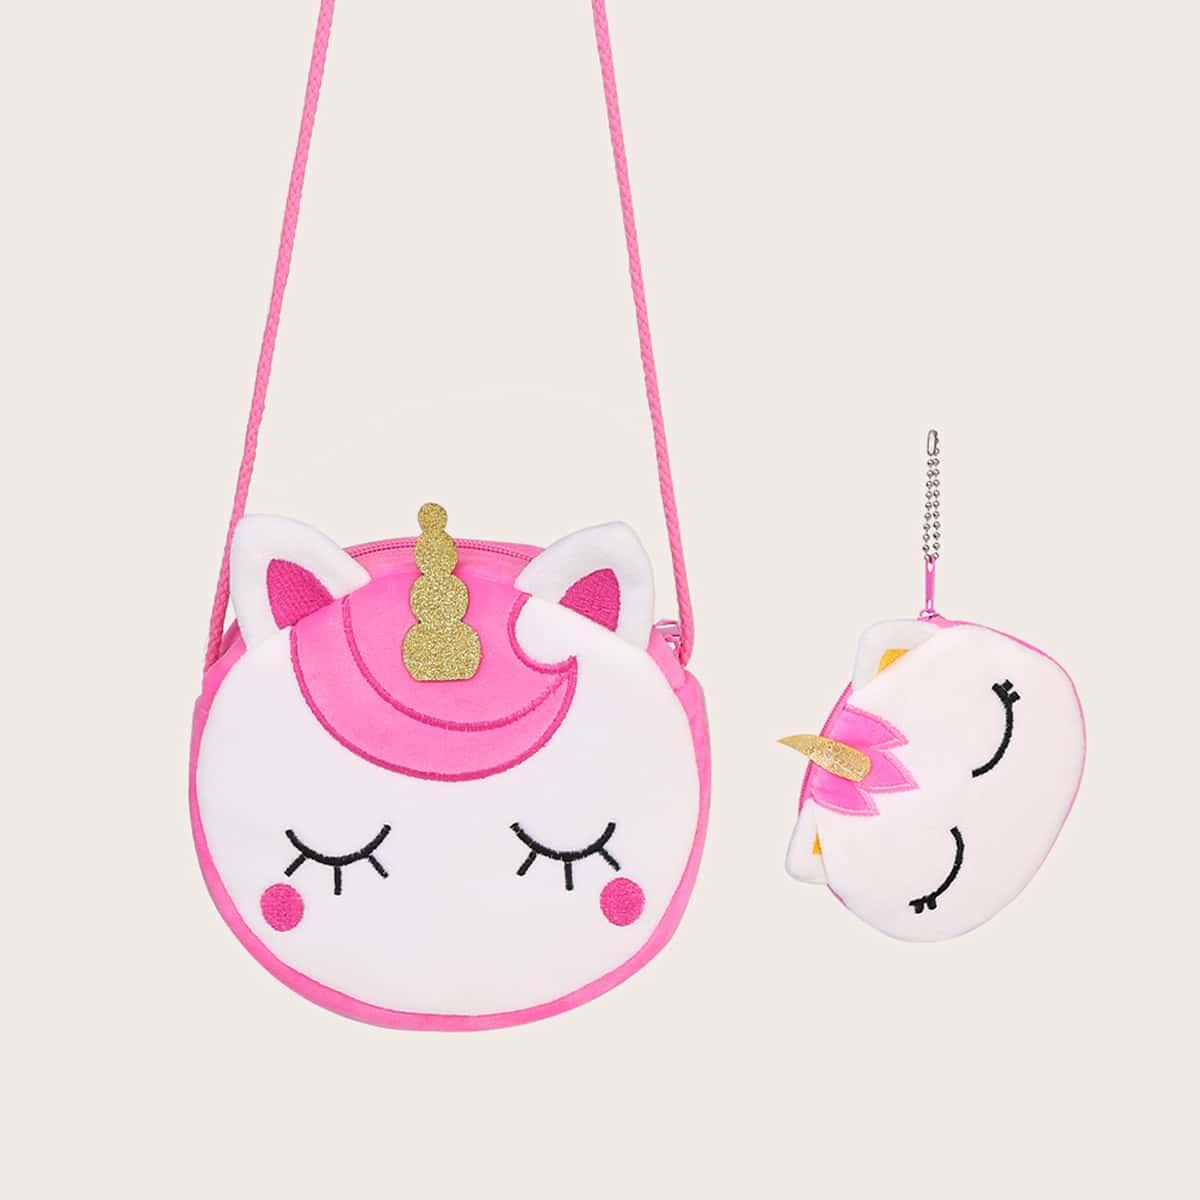 Сумка через плечо с внутренней сумкой для девочек